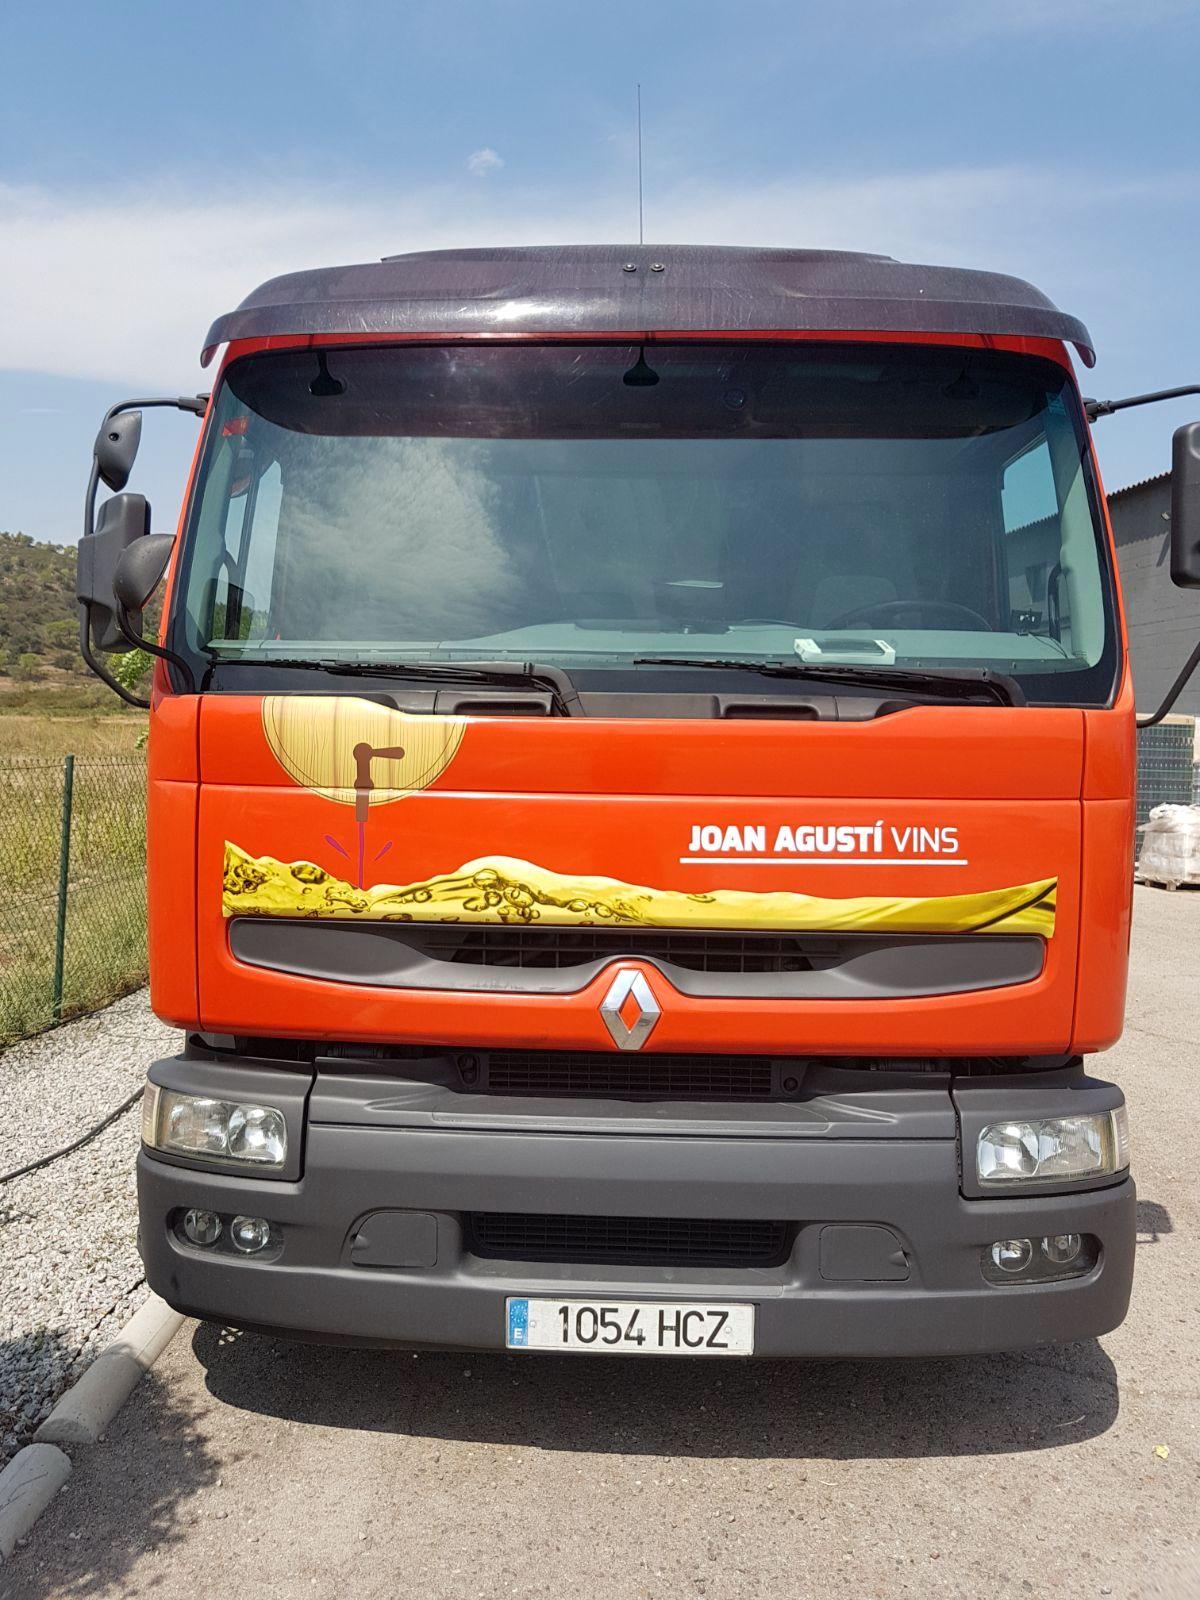 COVICA2 - Retolació vehicles